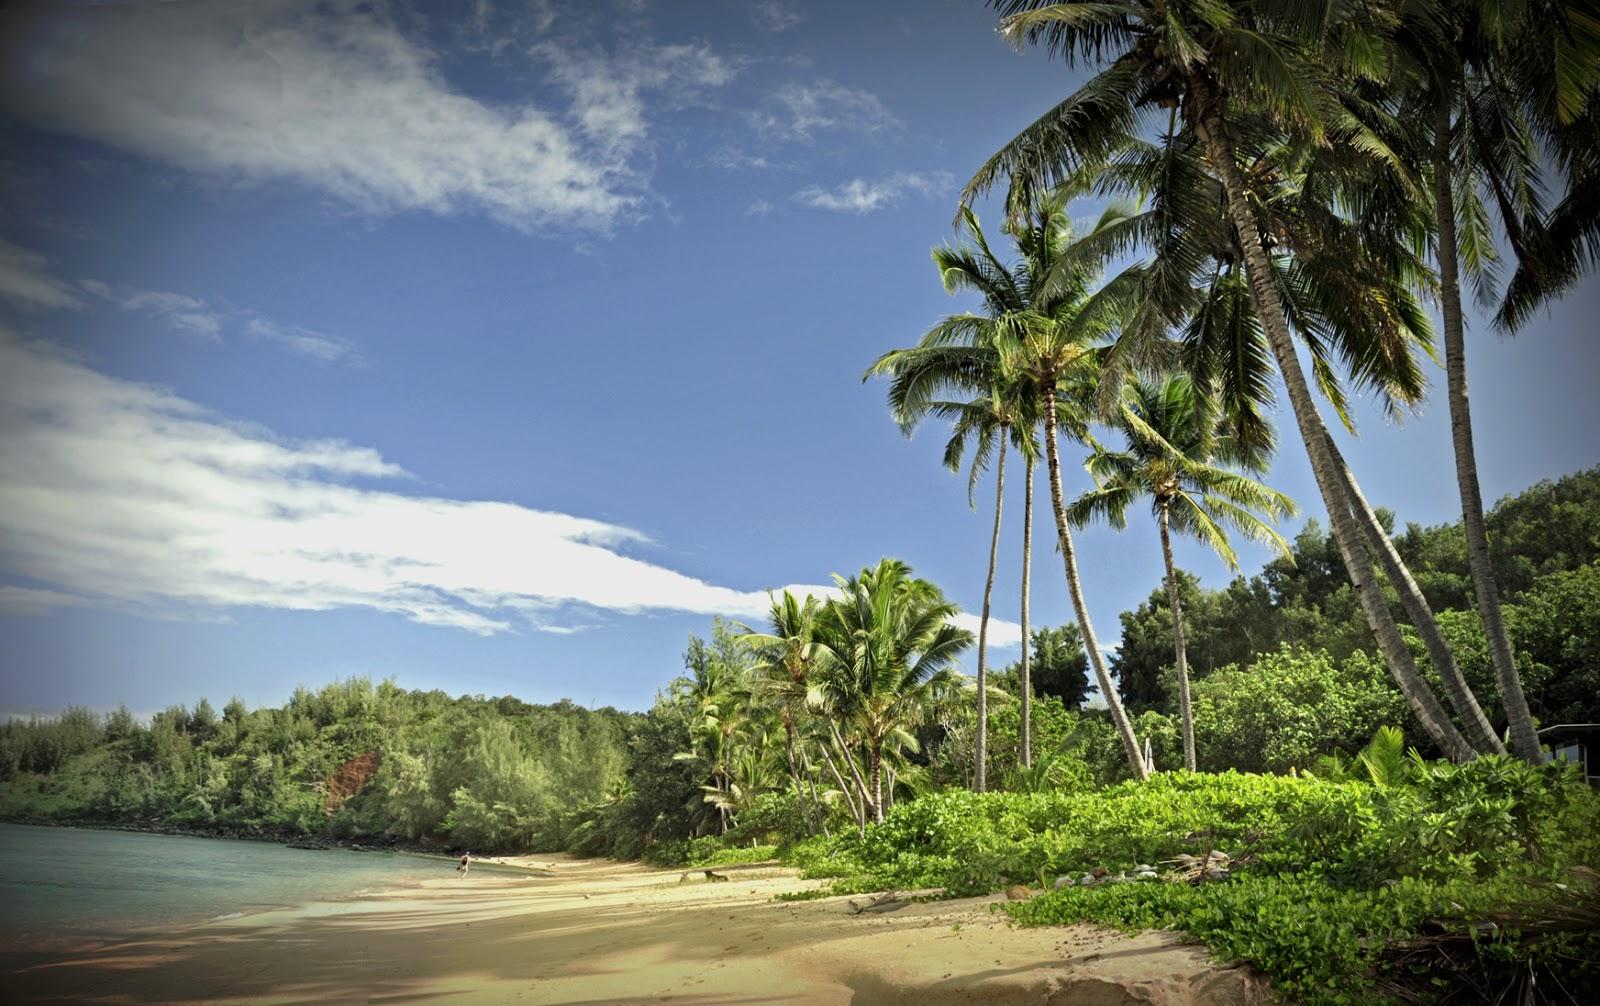 Aloha kauai foto 1 portraits 20